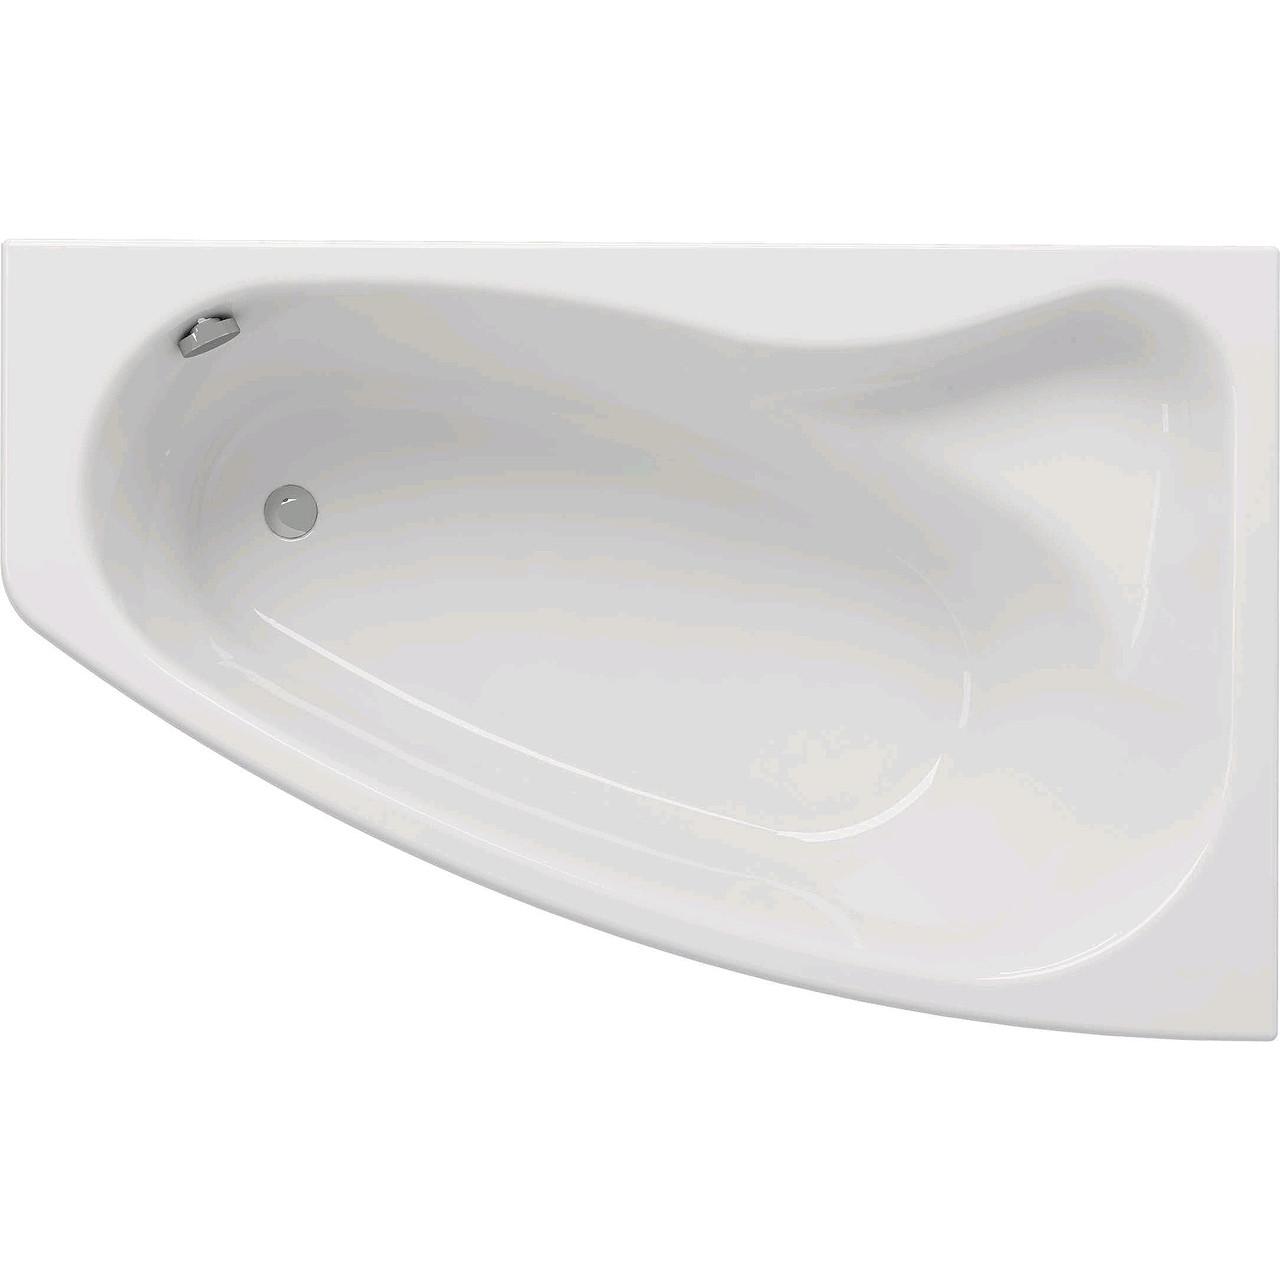 Ванна Sicilia new 170x100 (правая) Cersanit AZBA1000923342